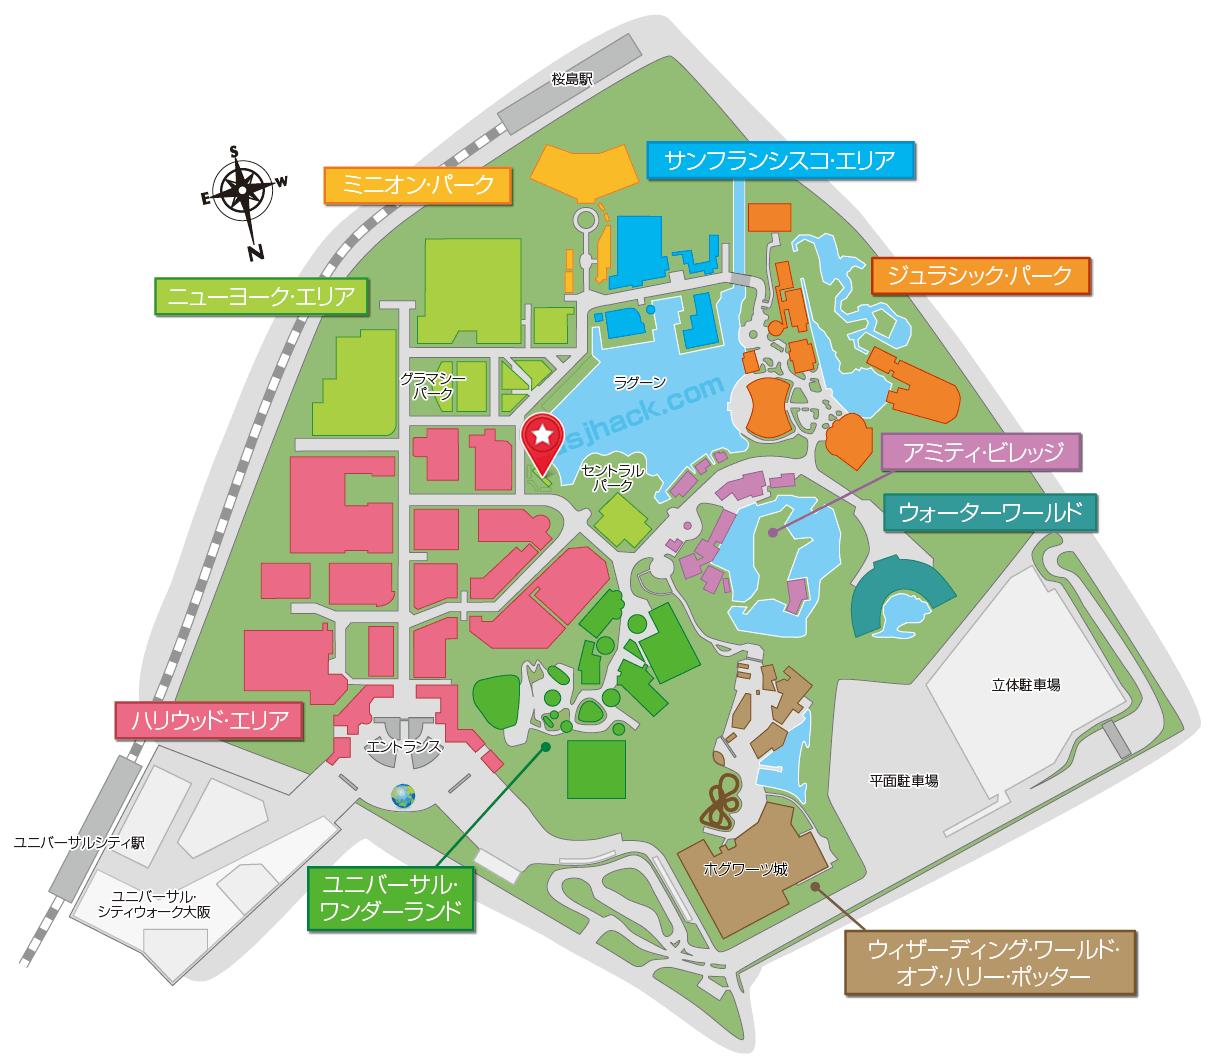 マップで見るフェスティバルインザパークの場所